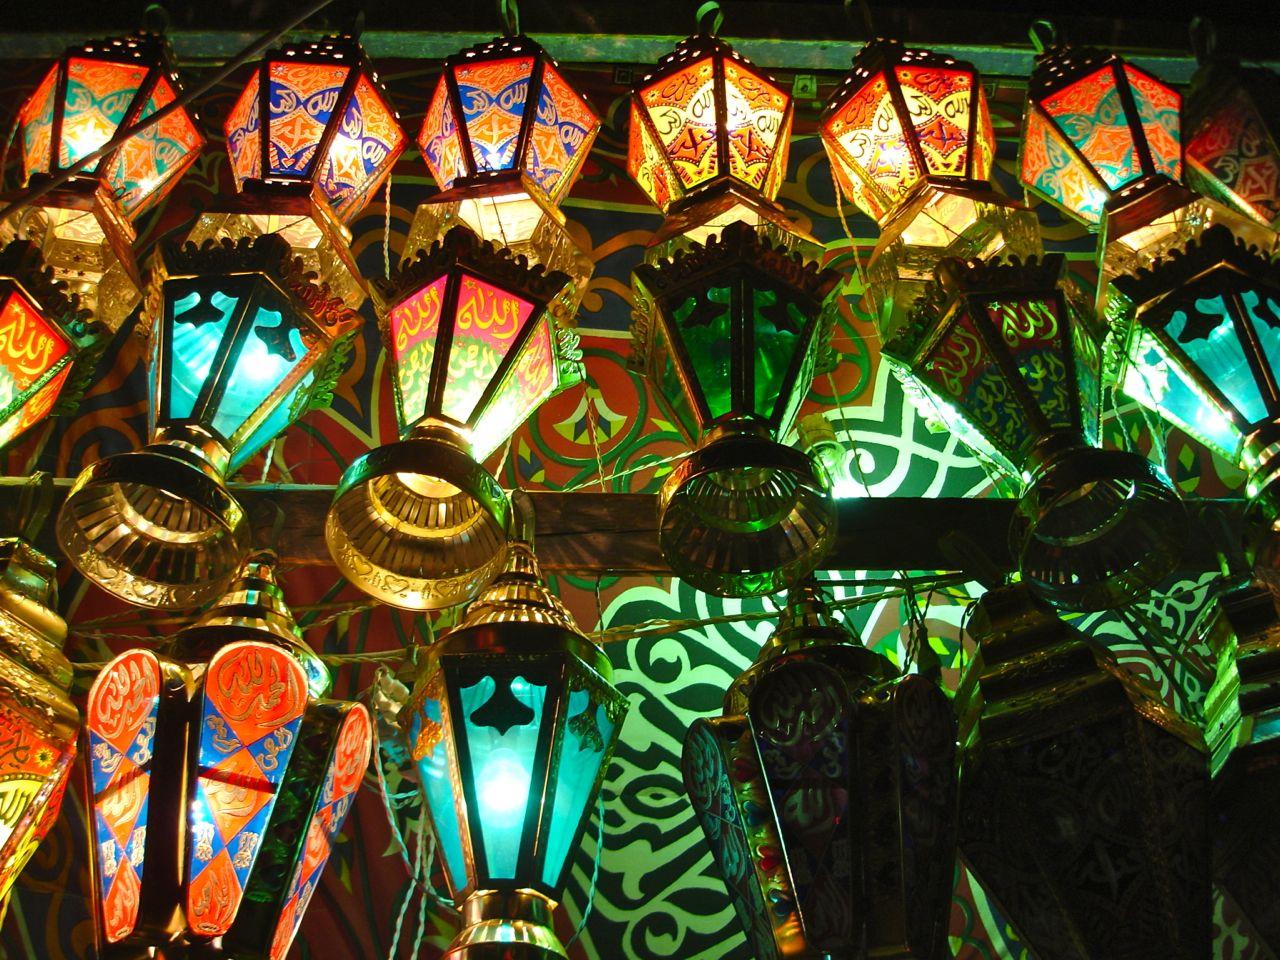 صور و خلفيات فوانيس رمضان لسطح المكتب اهديها لمن تحب   Ramadan-lanterns-fawanee